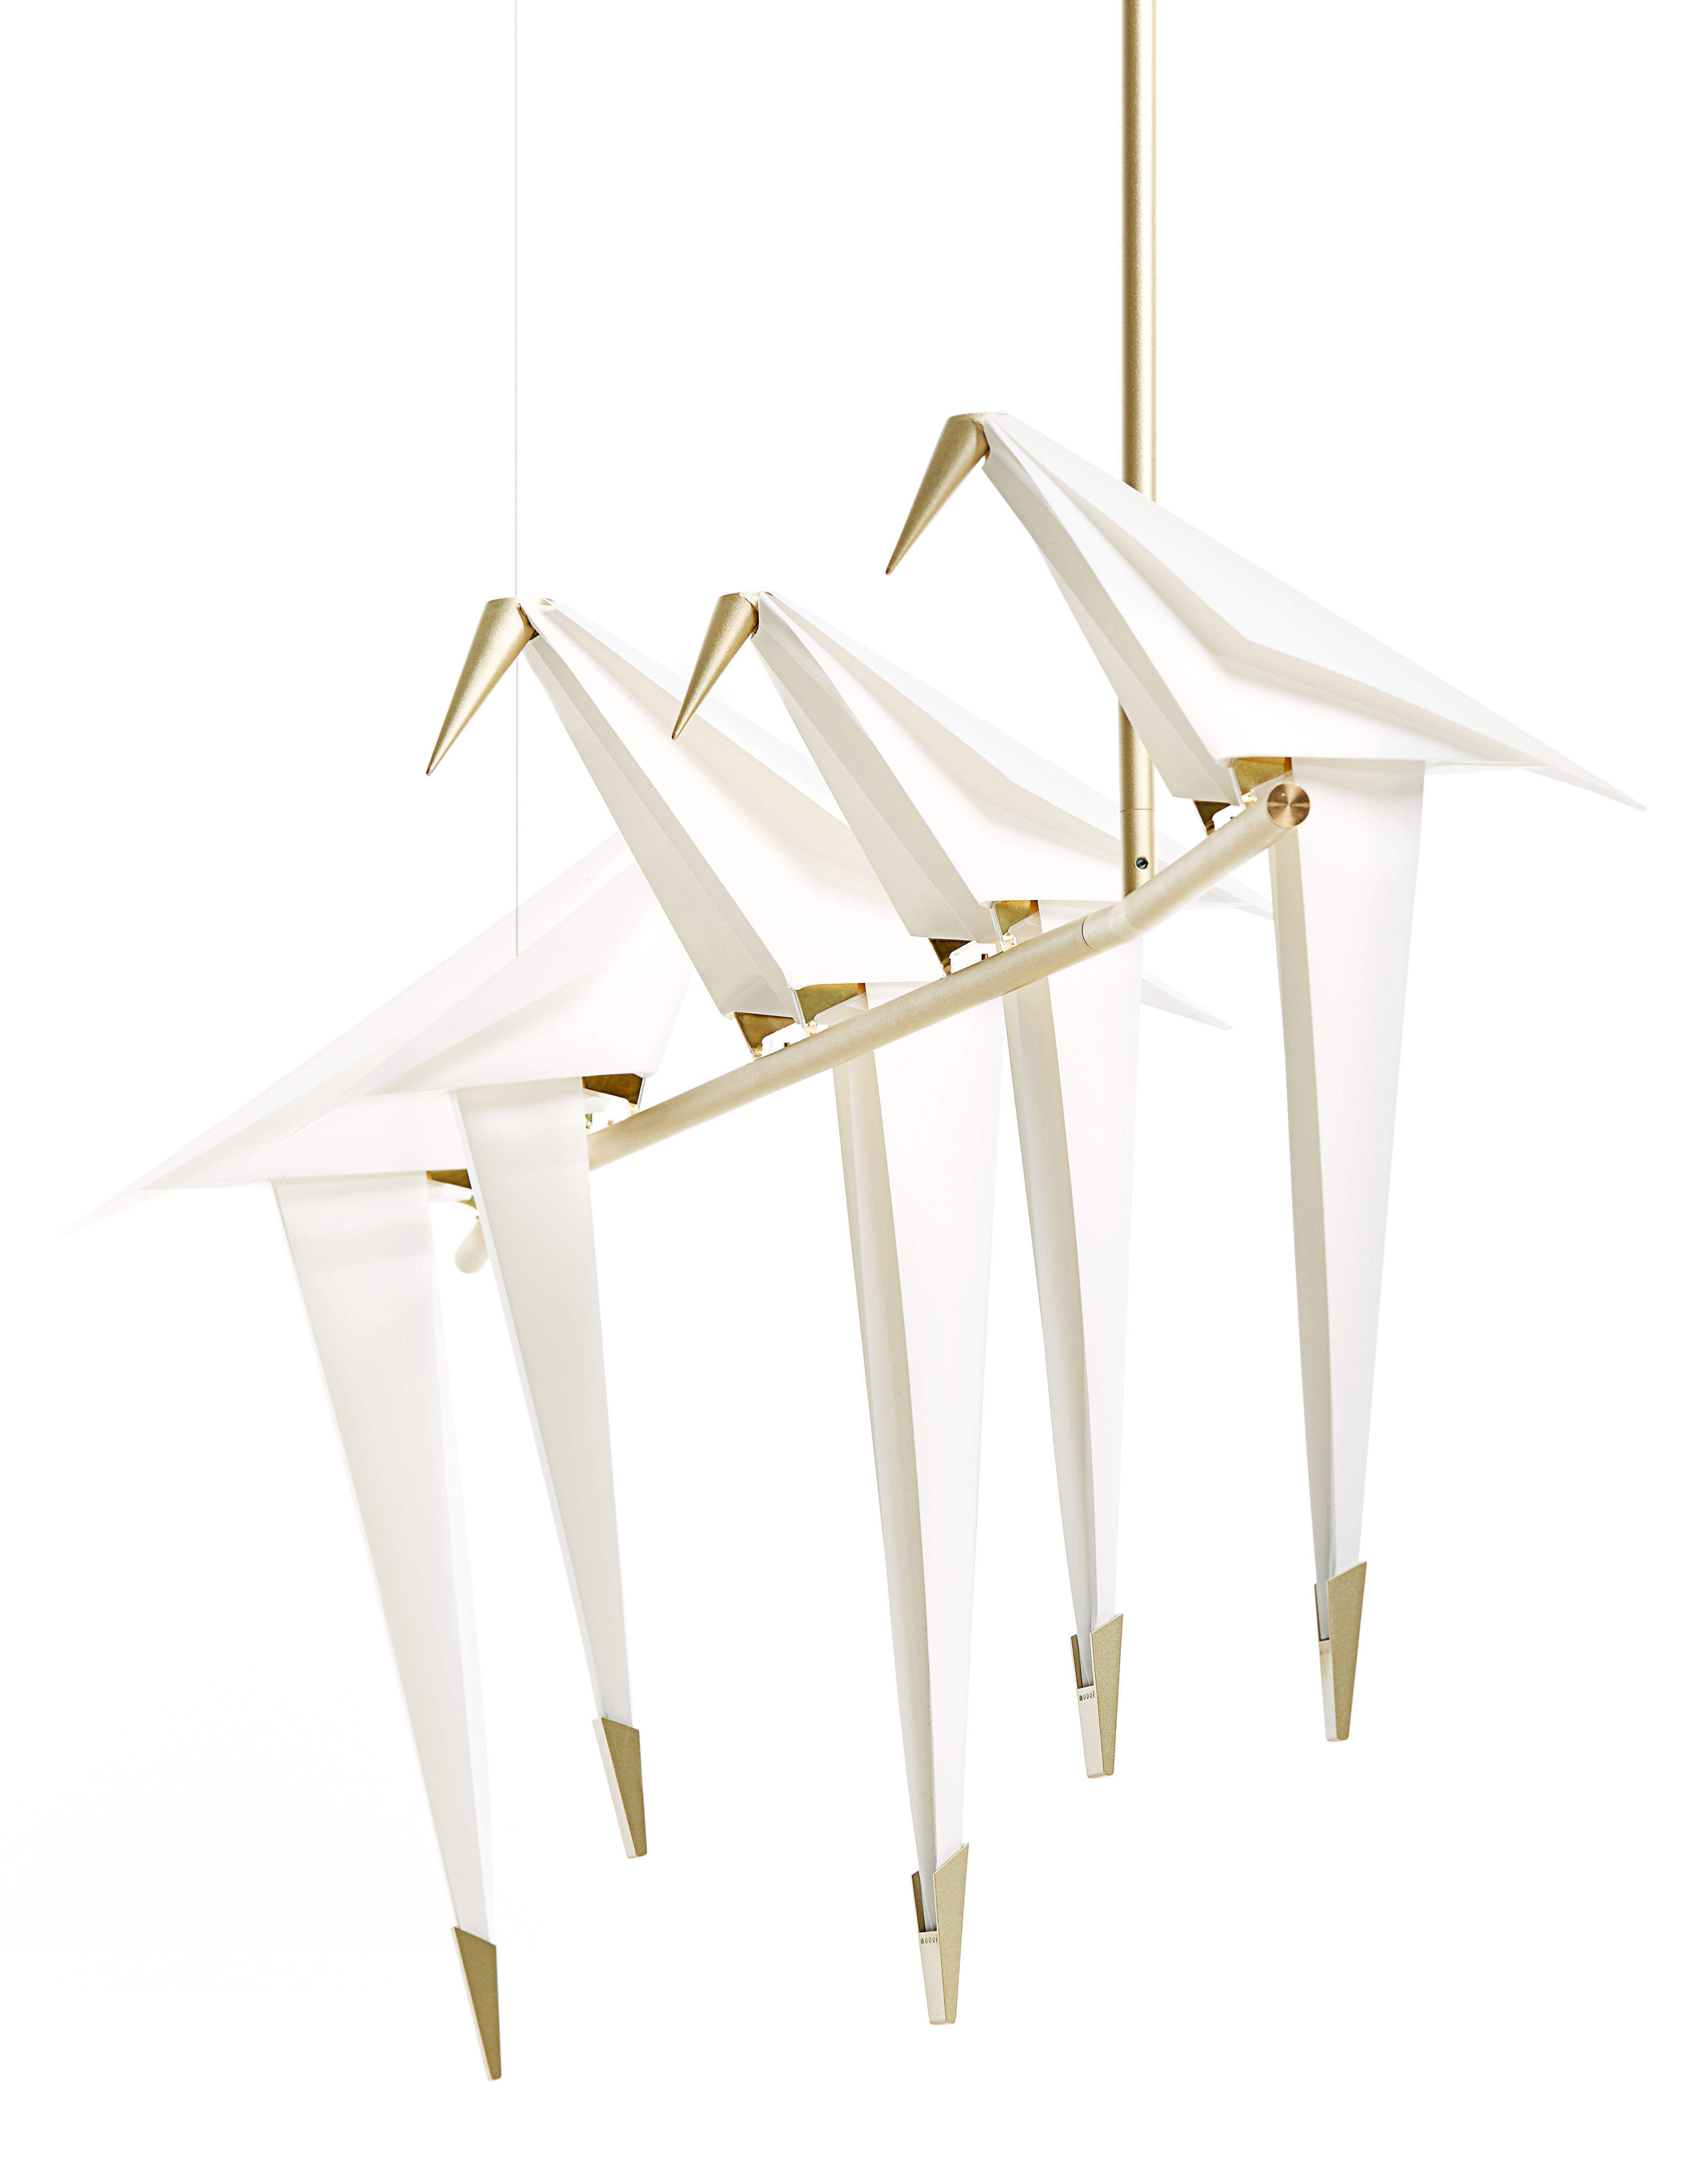 Leuchten - Pendelleuchten - Perch Light Branch LED Pendelleuchte / abnehmbare Vögel - L 100 cm - Moooi - Weiß & Messing - Aluminium, Polypropylen, Stahl